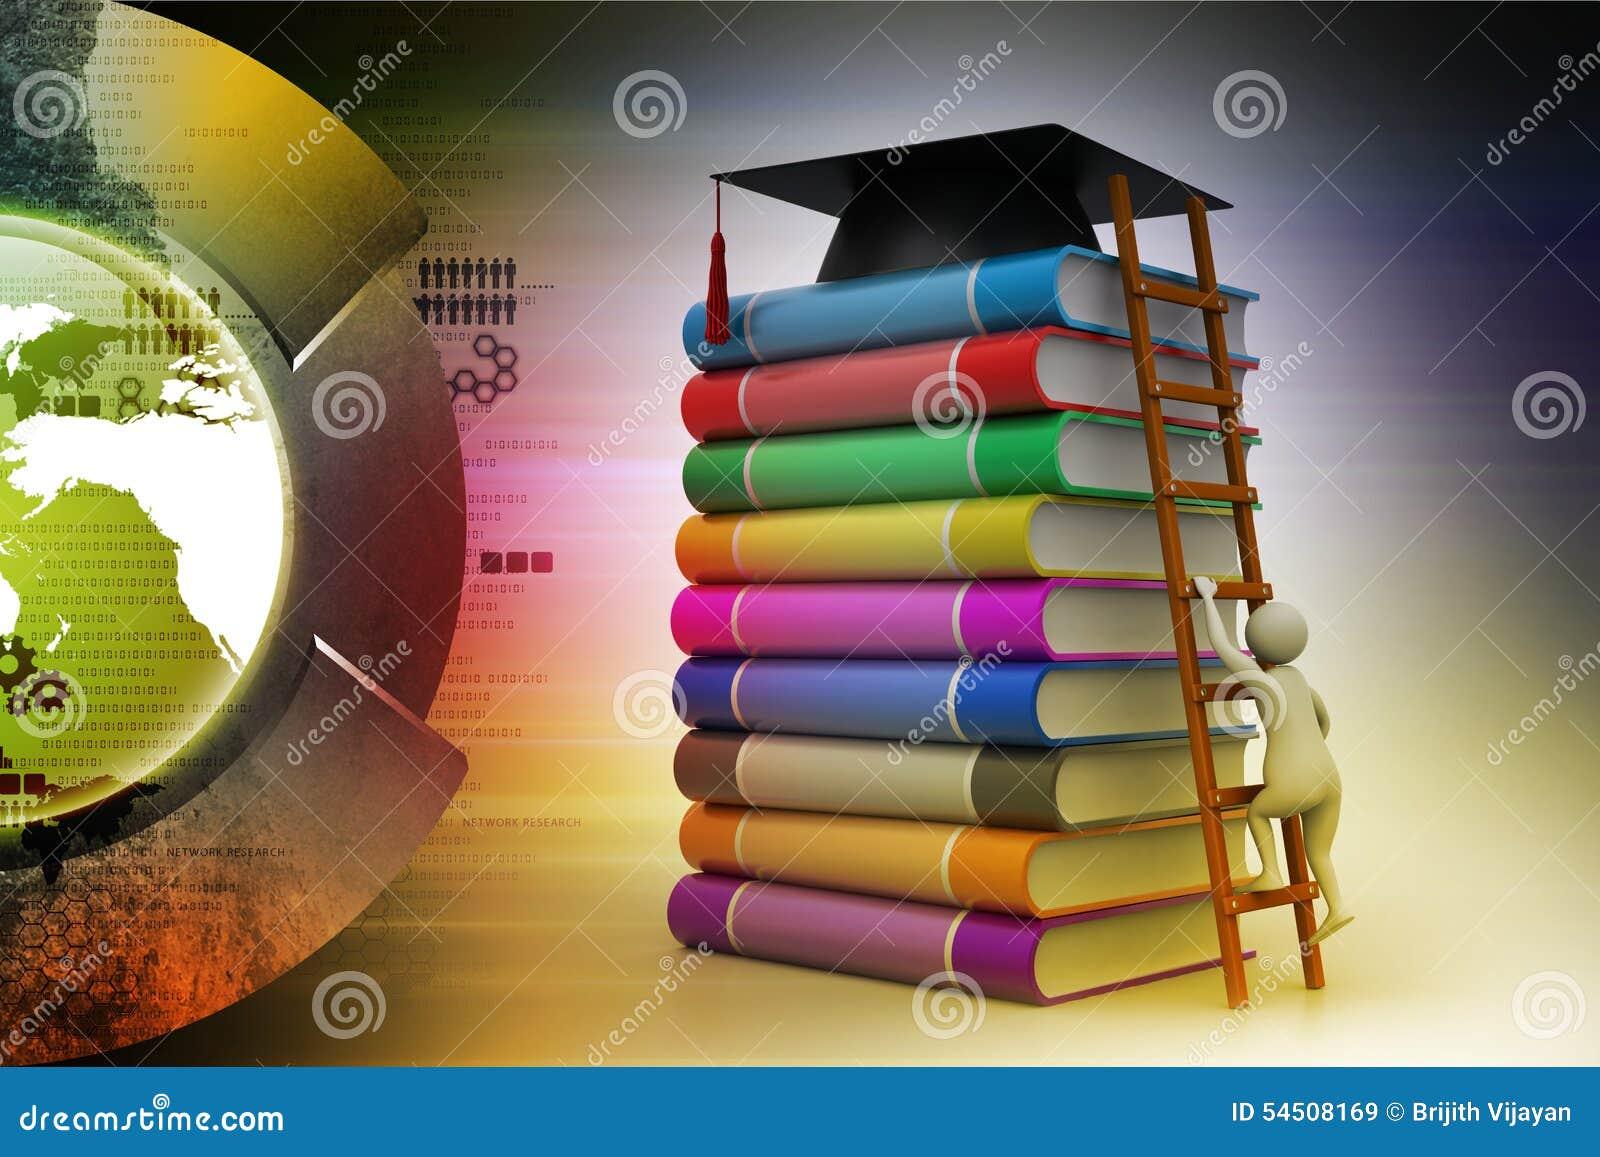 Mortier de graduation sur des livres